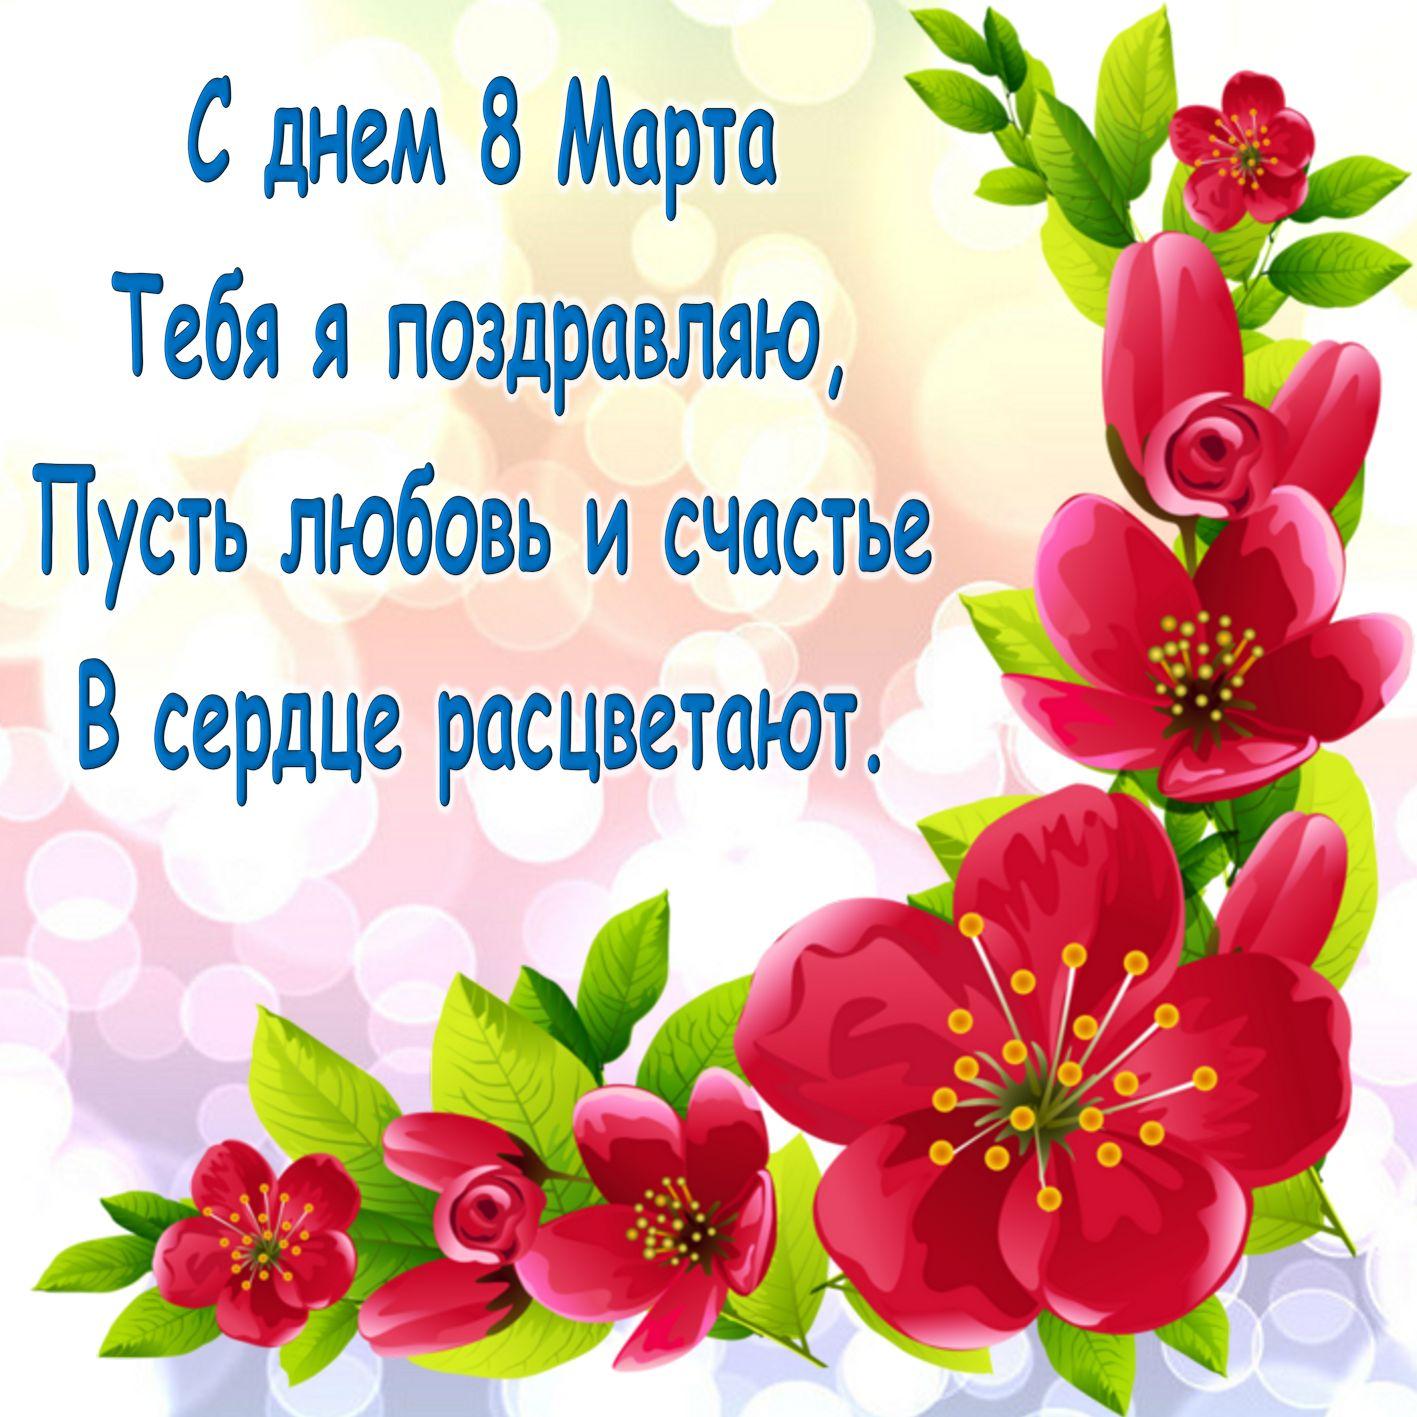 внимание картинки поздравления с 8 марта красивые с цветами заказчику